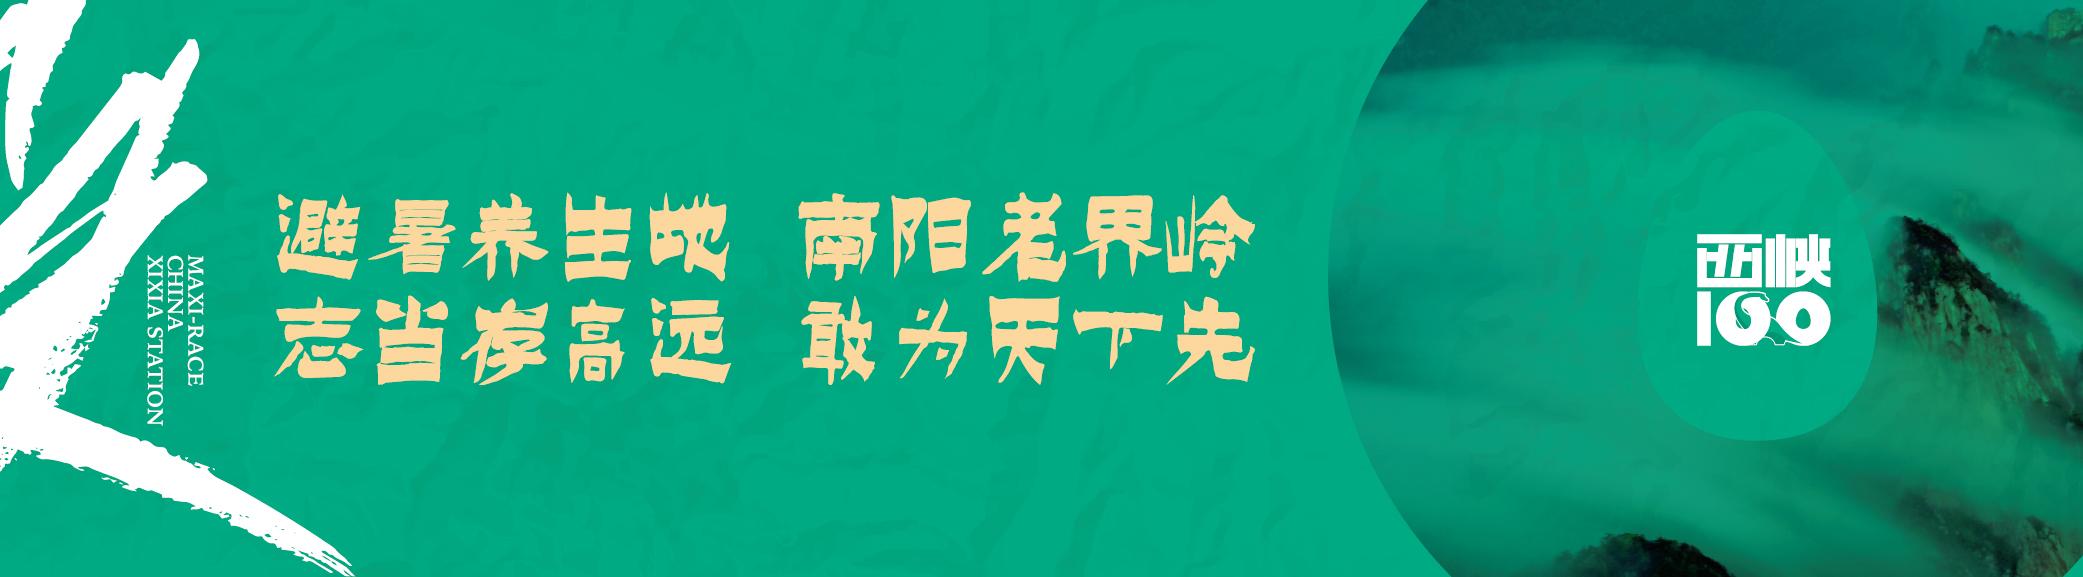 主题-01.jpg